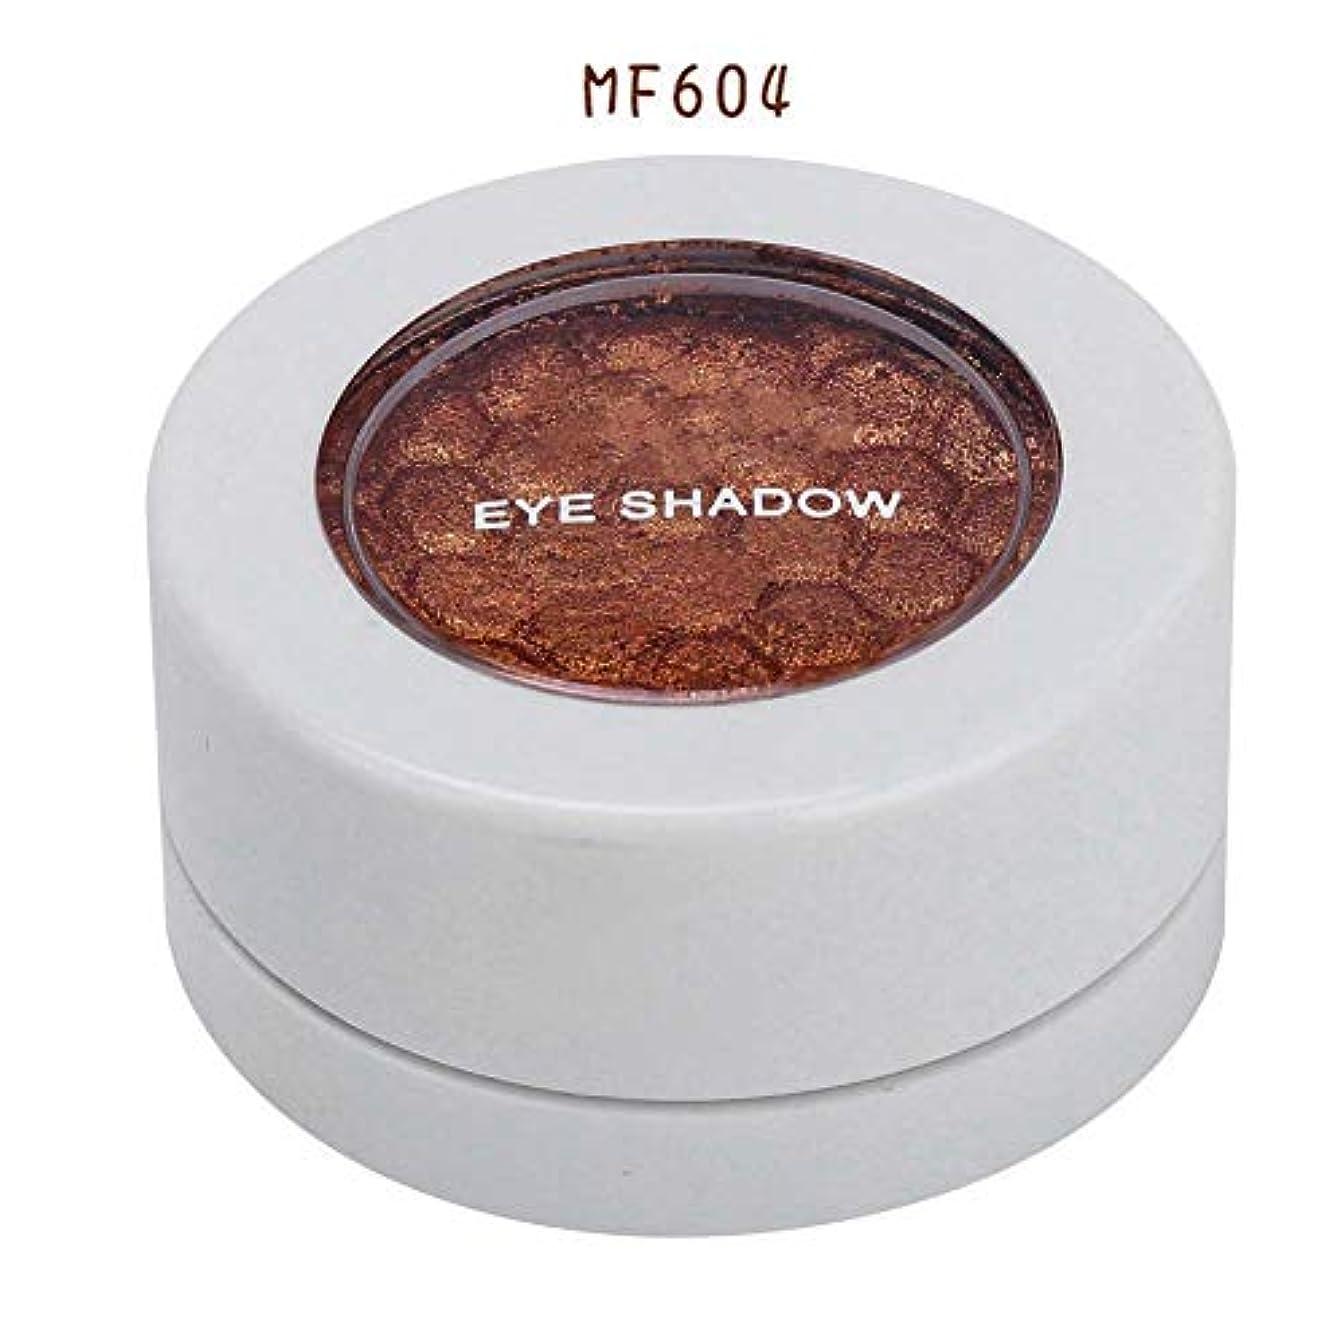 協力的入場ふつう4色 アイシャドウパレット アイシャドウパレット 化粧品ツール 化粧マットグロス アイシャドウパウダー (MF604)